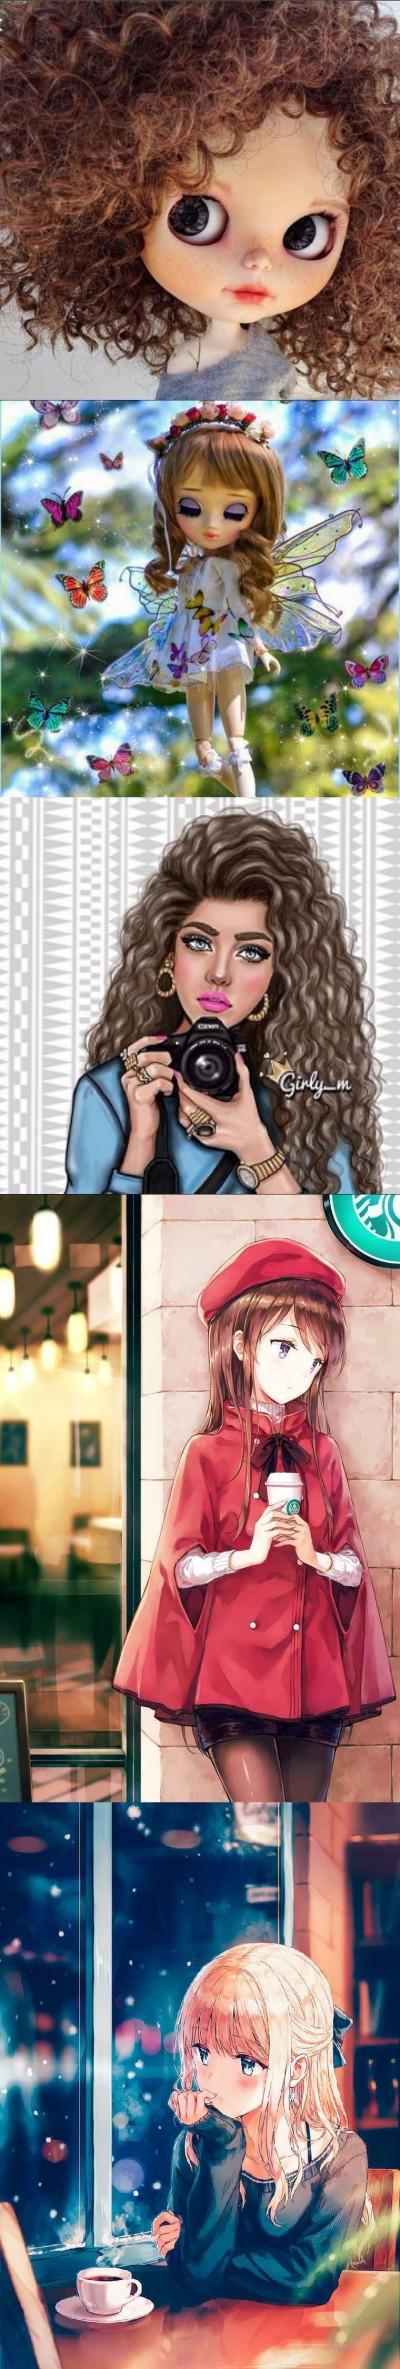 دختر | Mavka | Digital Drawing | PENUP